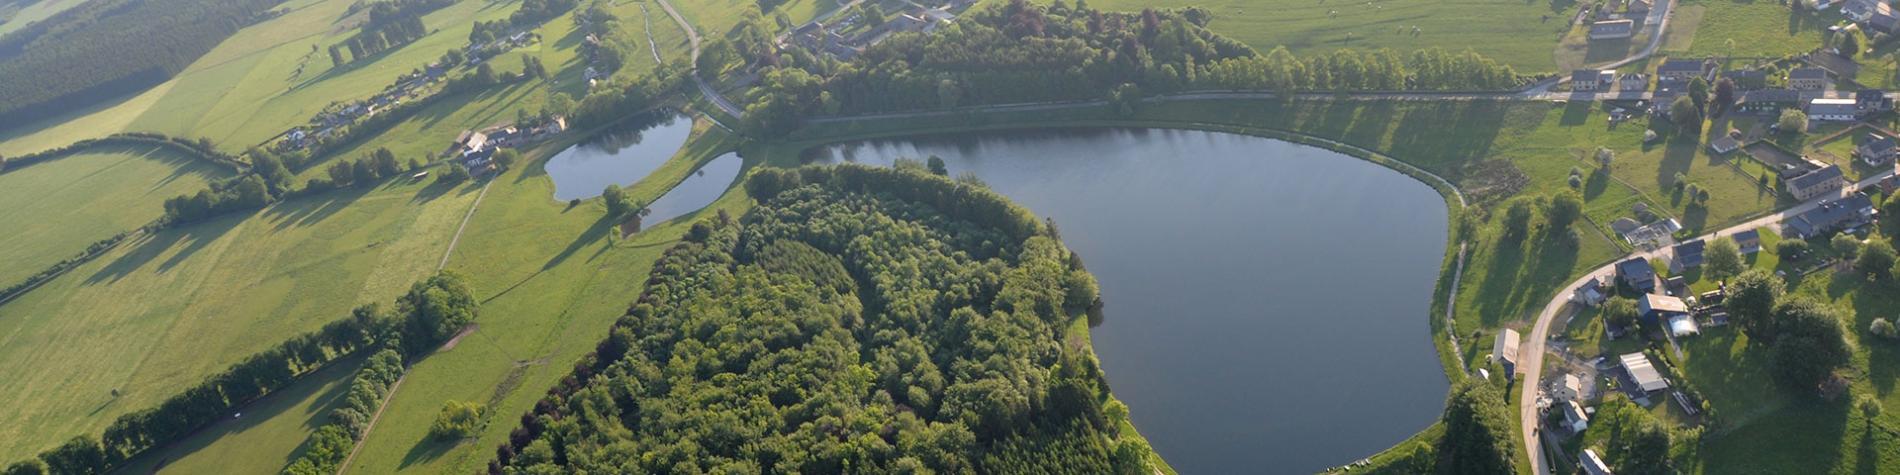 Centre de pêche - lacs - étangs de Freux - Wallonie insolite